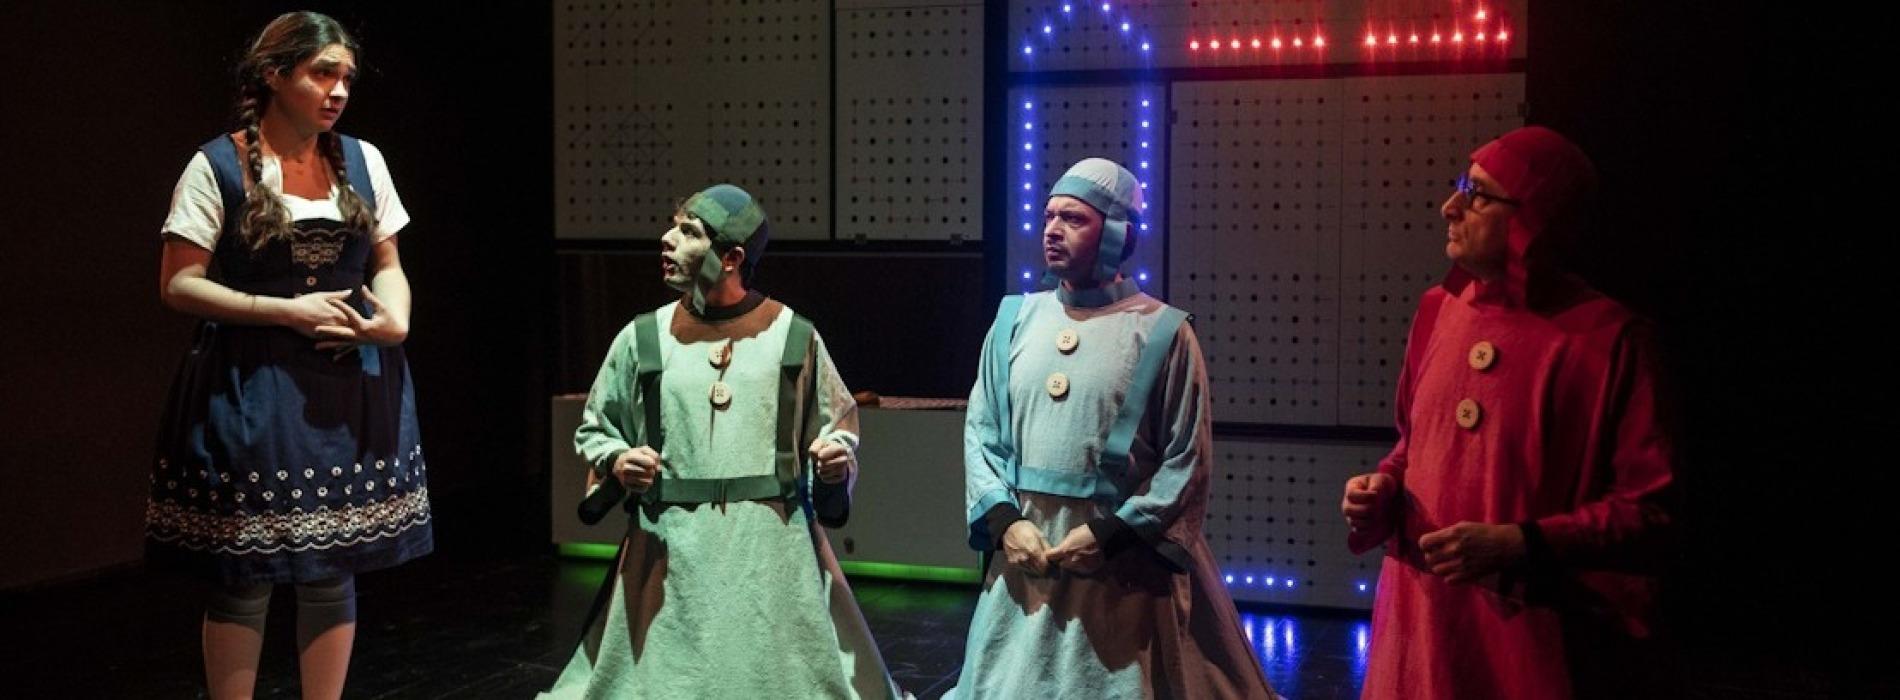 Una notte allo specchio, Biancaneve torna al Teatro Civico 14